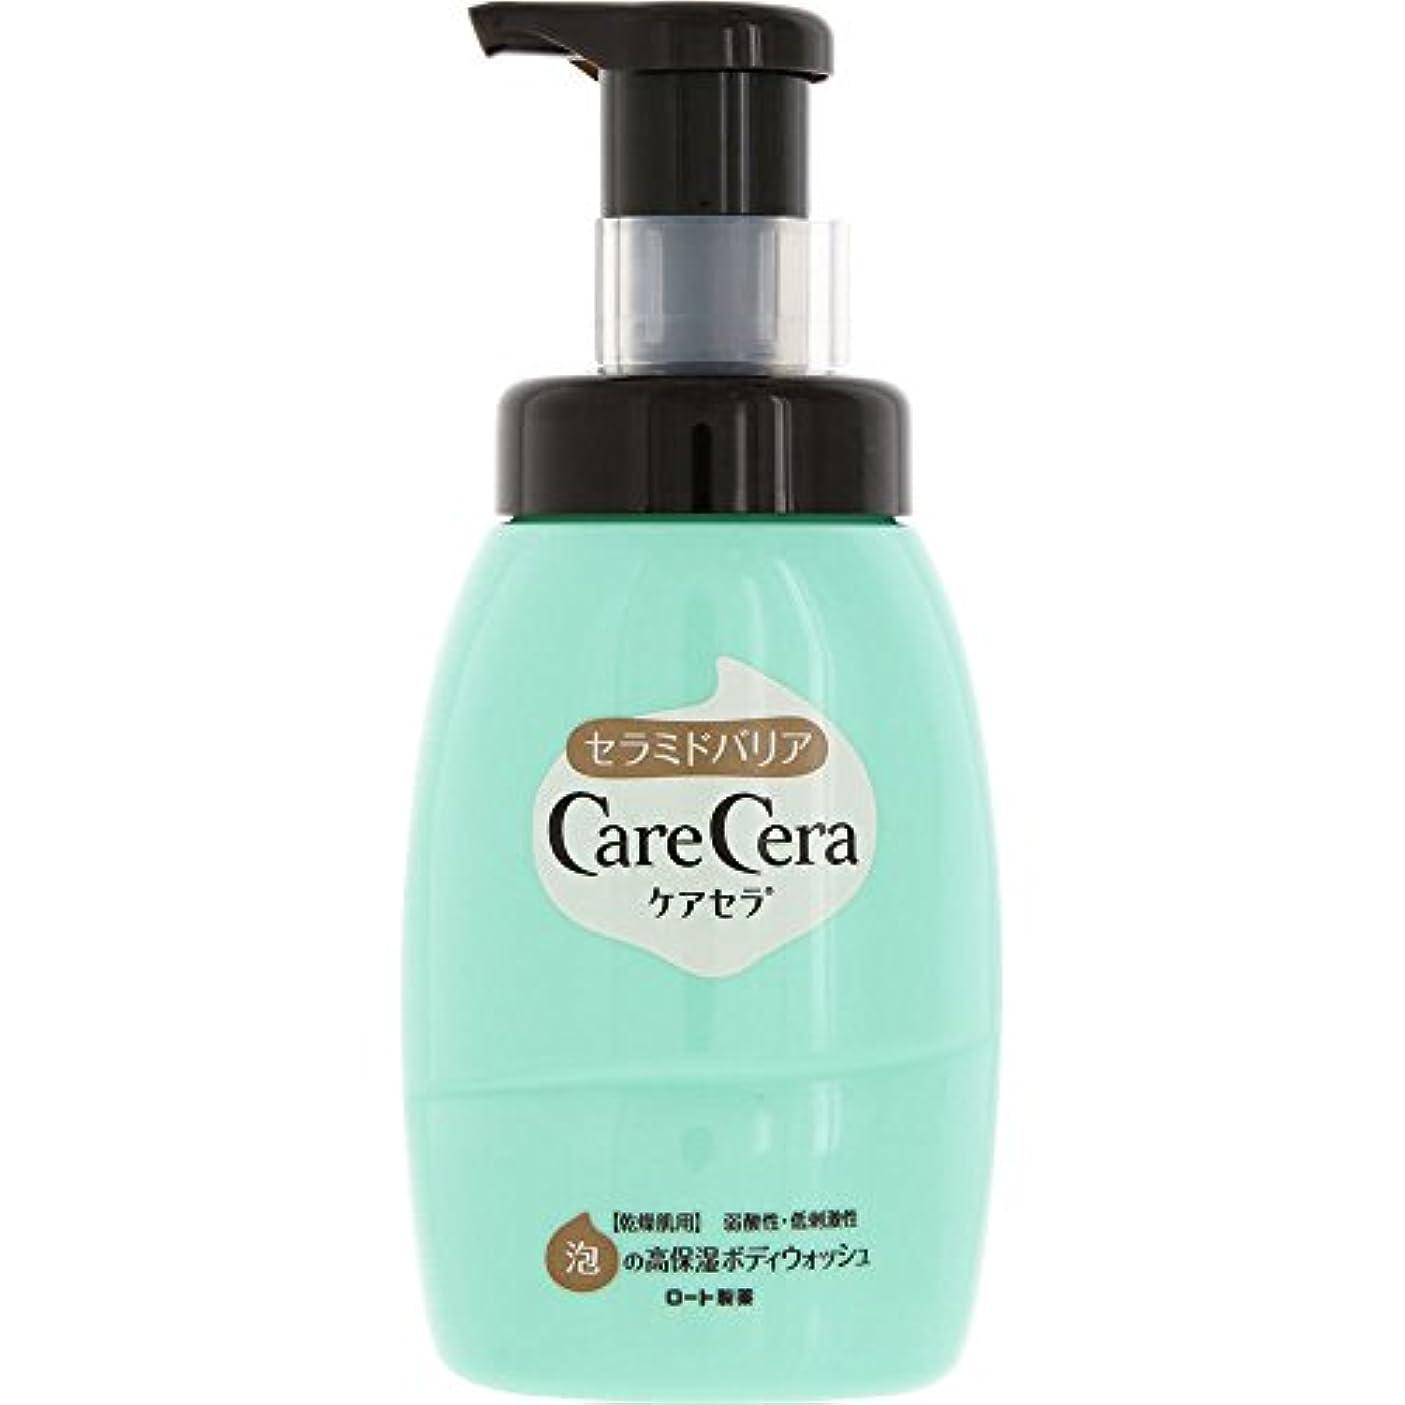 前提条件小包ベリケアセラ(CareCera) ロート製薬 ケアセラ  天然型セラミド7種配合 セラミド濃度10倍泡の高保湿 全身ボディウォッシュ ピュアフローラルの香り お試し企画品 300mL